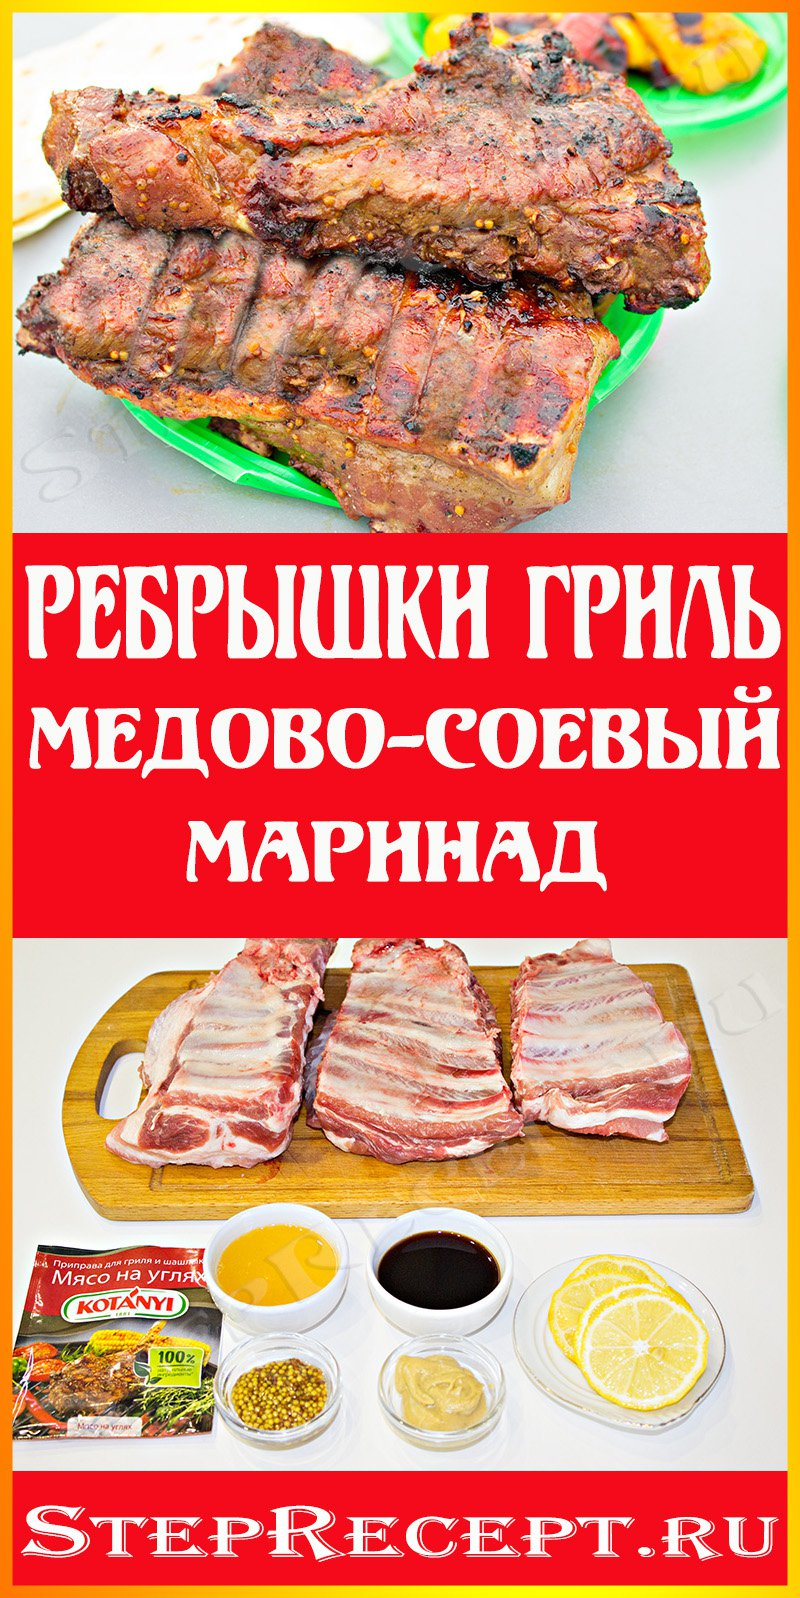 маринад для свиных ребрышек